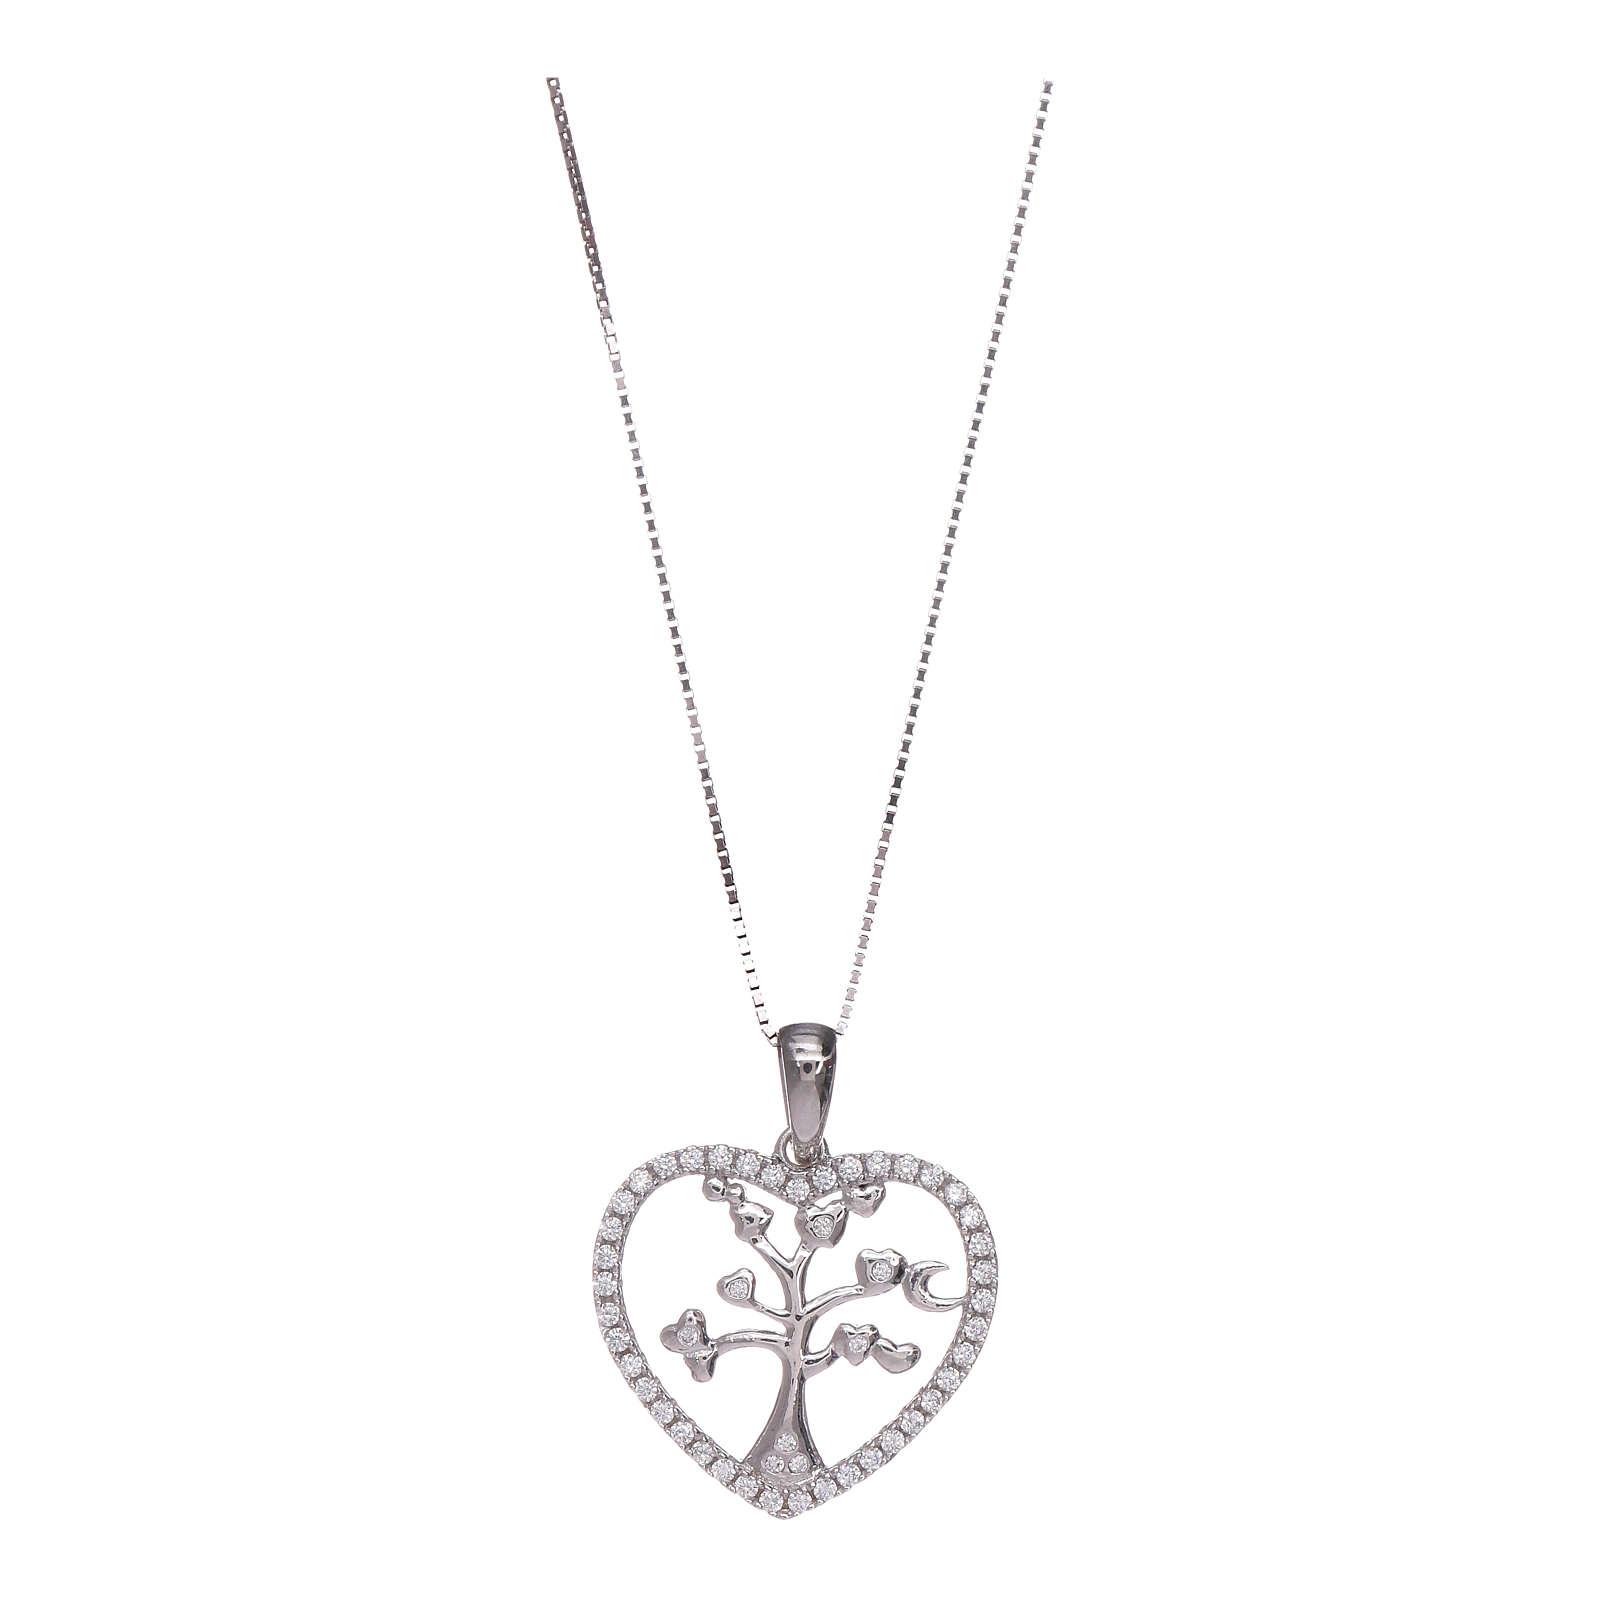 Collana Amen cuore e arg 925 zirconi bianchi 4